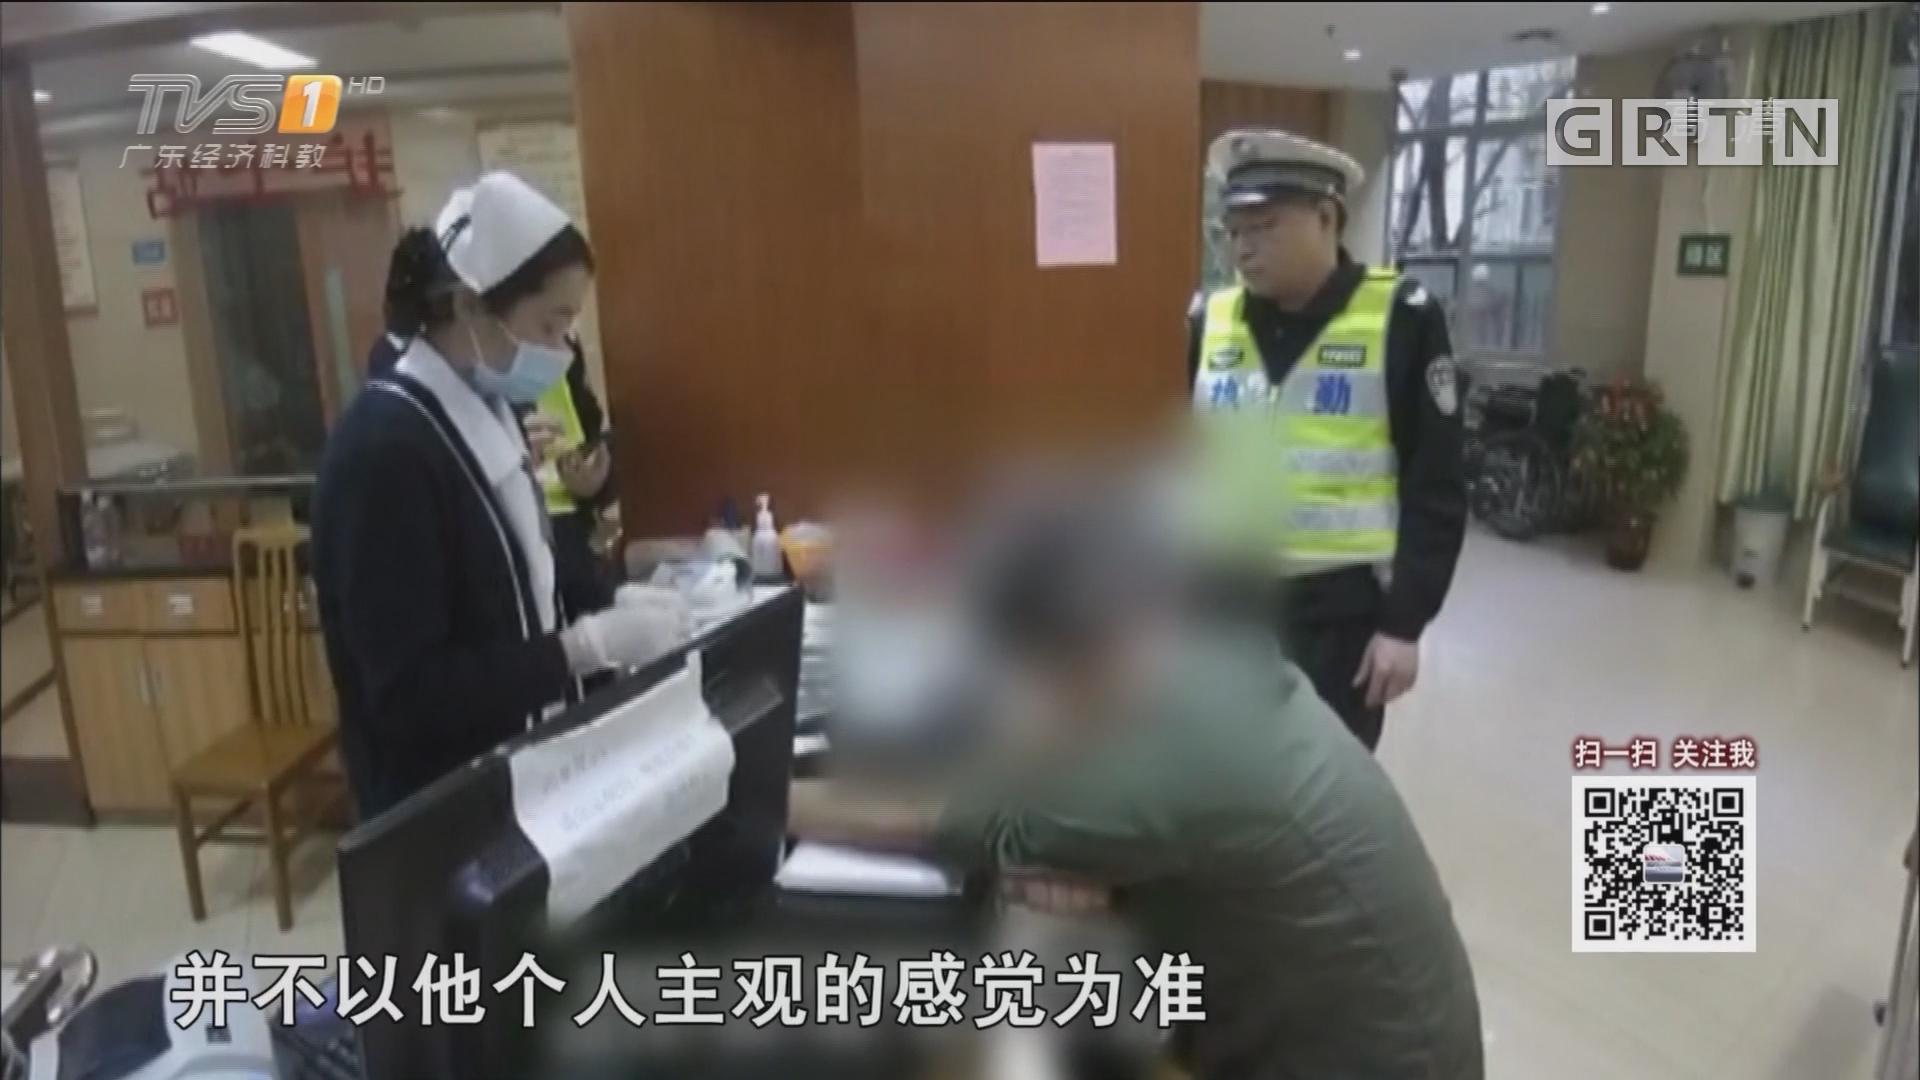 广州交警公布酒驾数据 2月查处600多宗